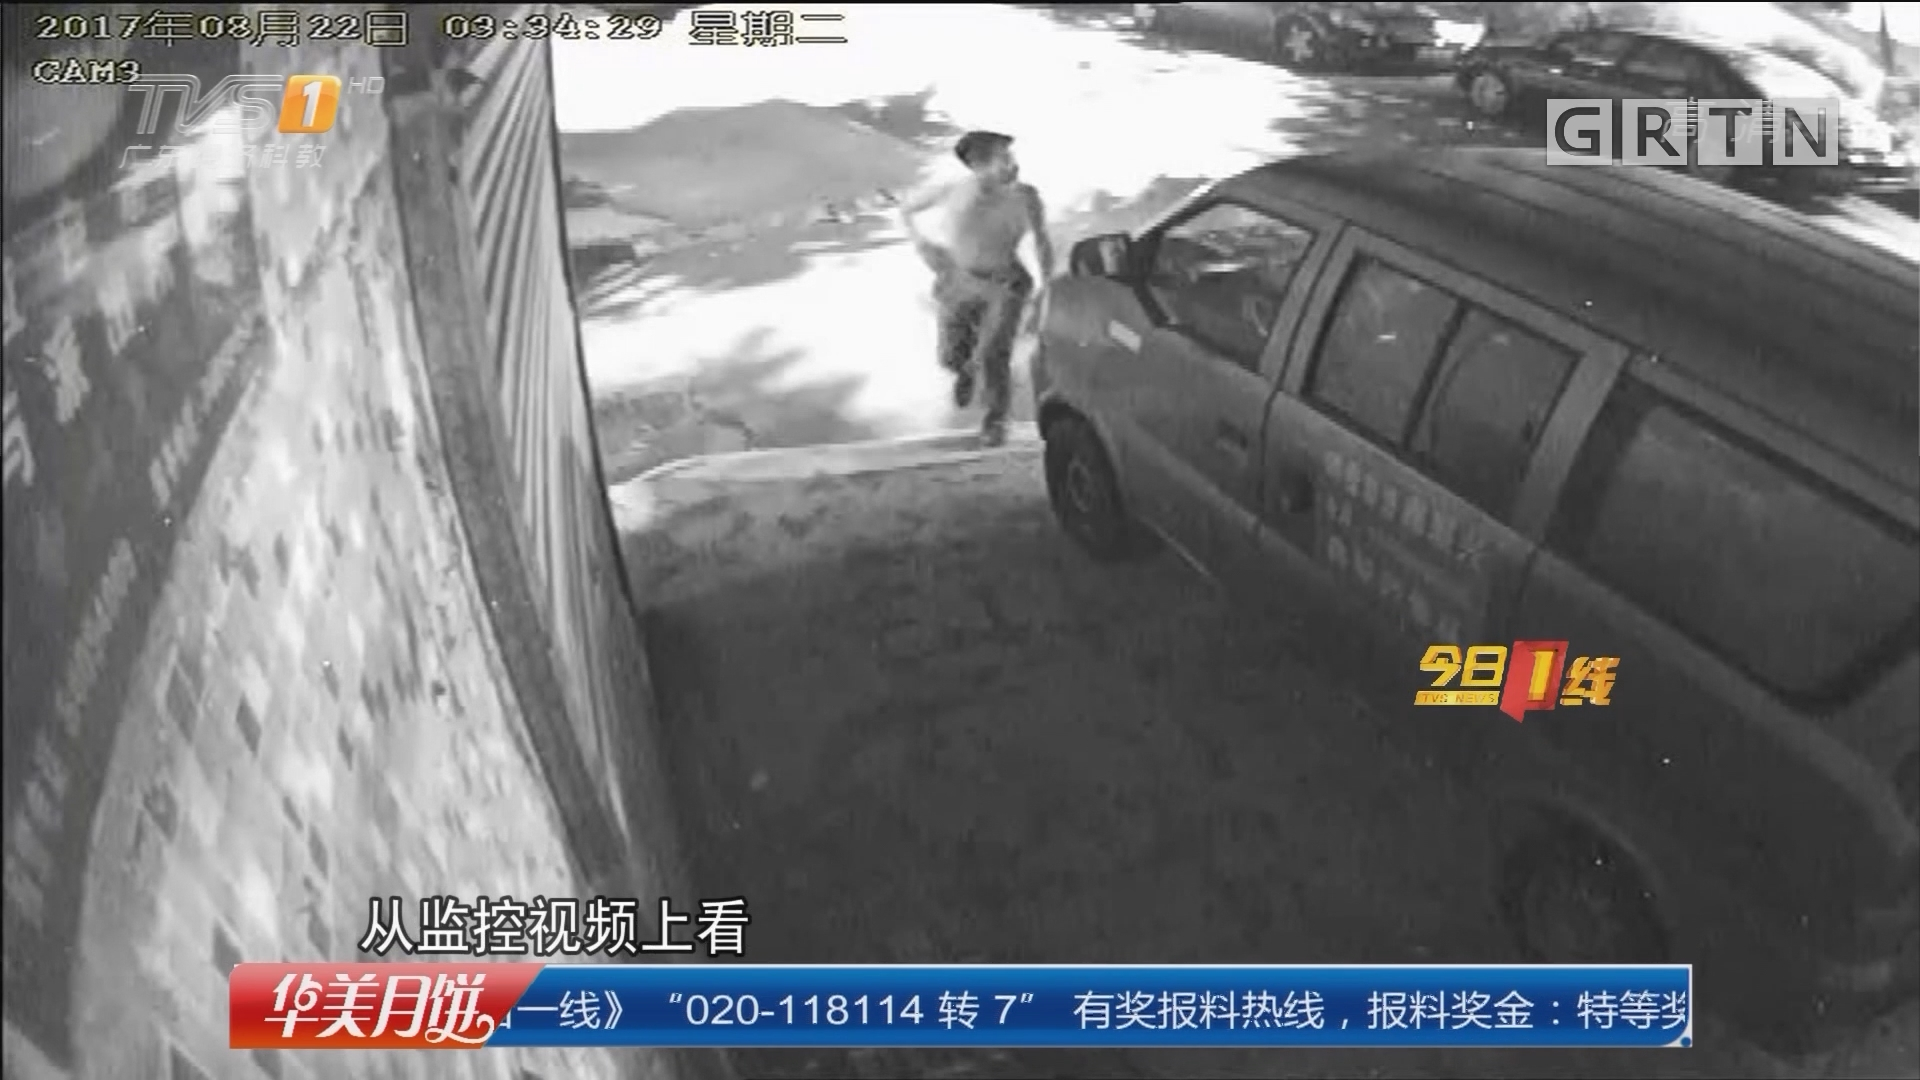 """深圳:""""奇葩盗贼""""专偷驾照行驶证 被抓获"""